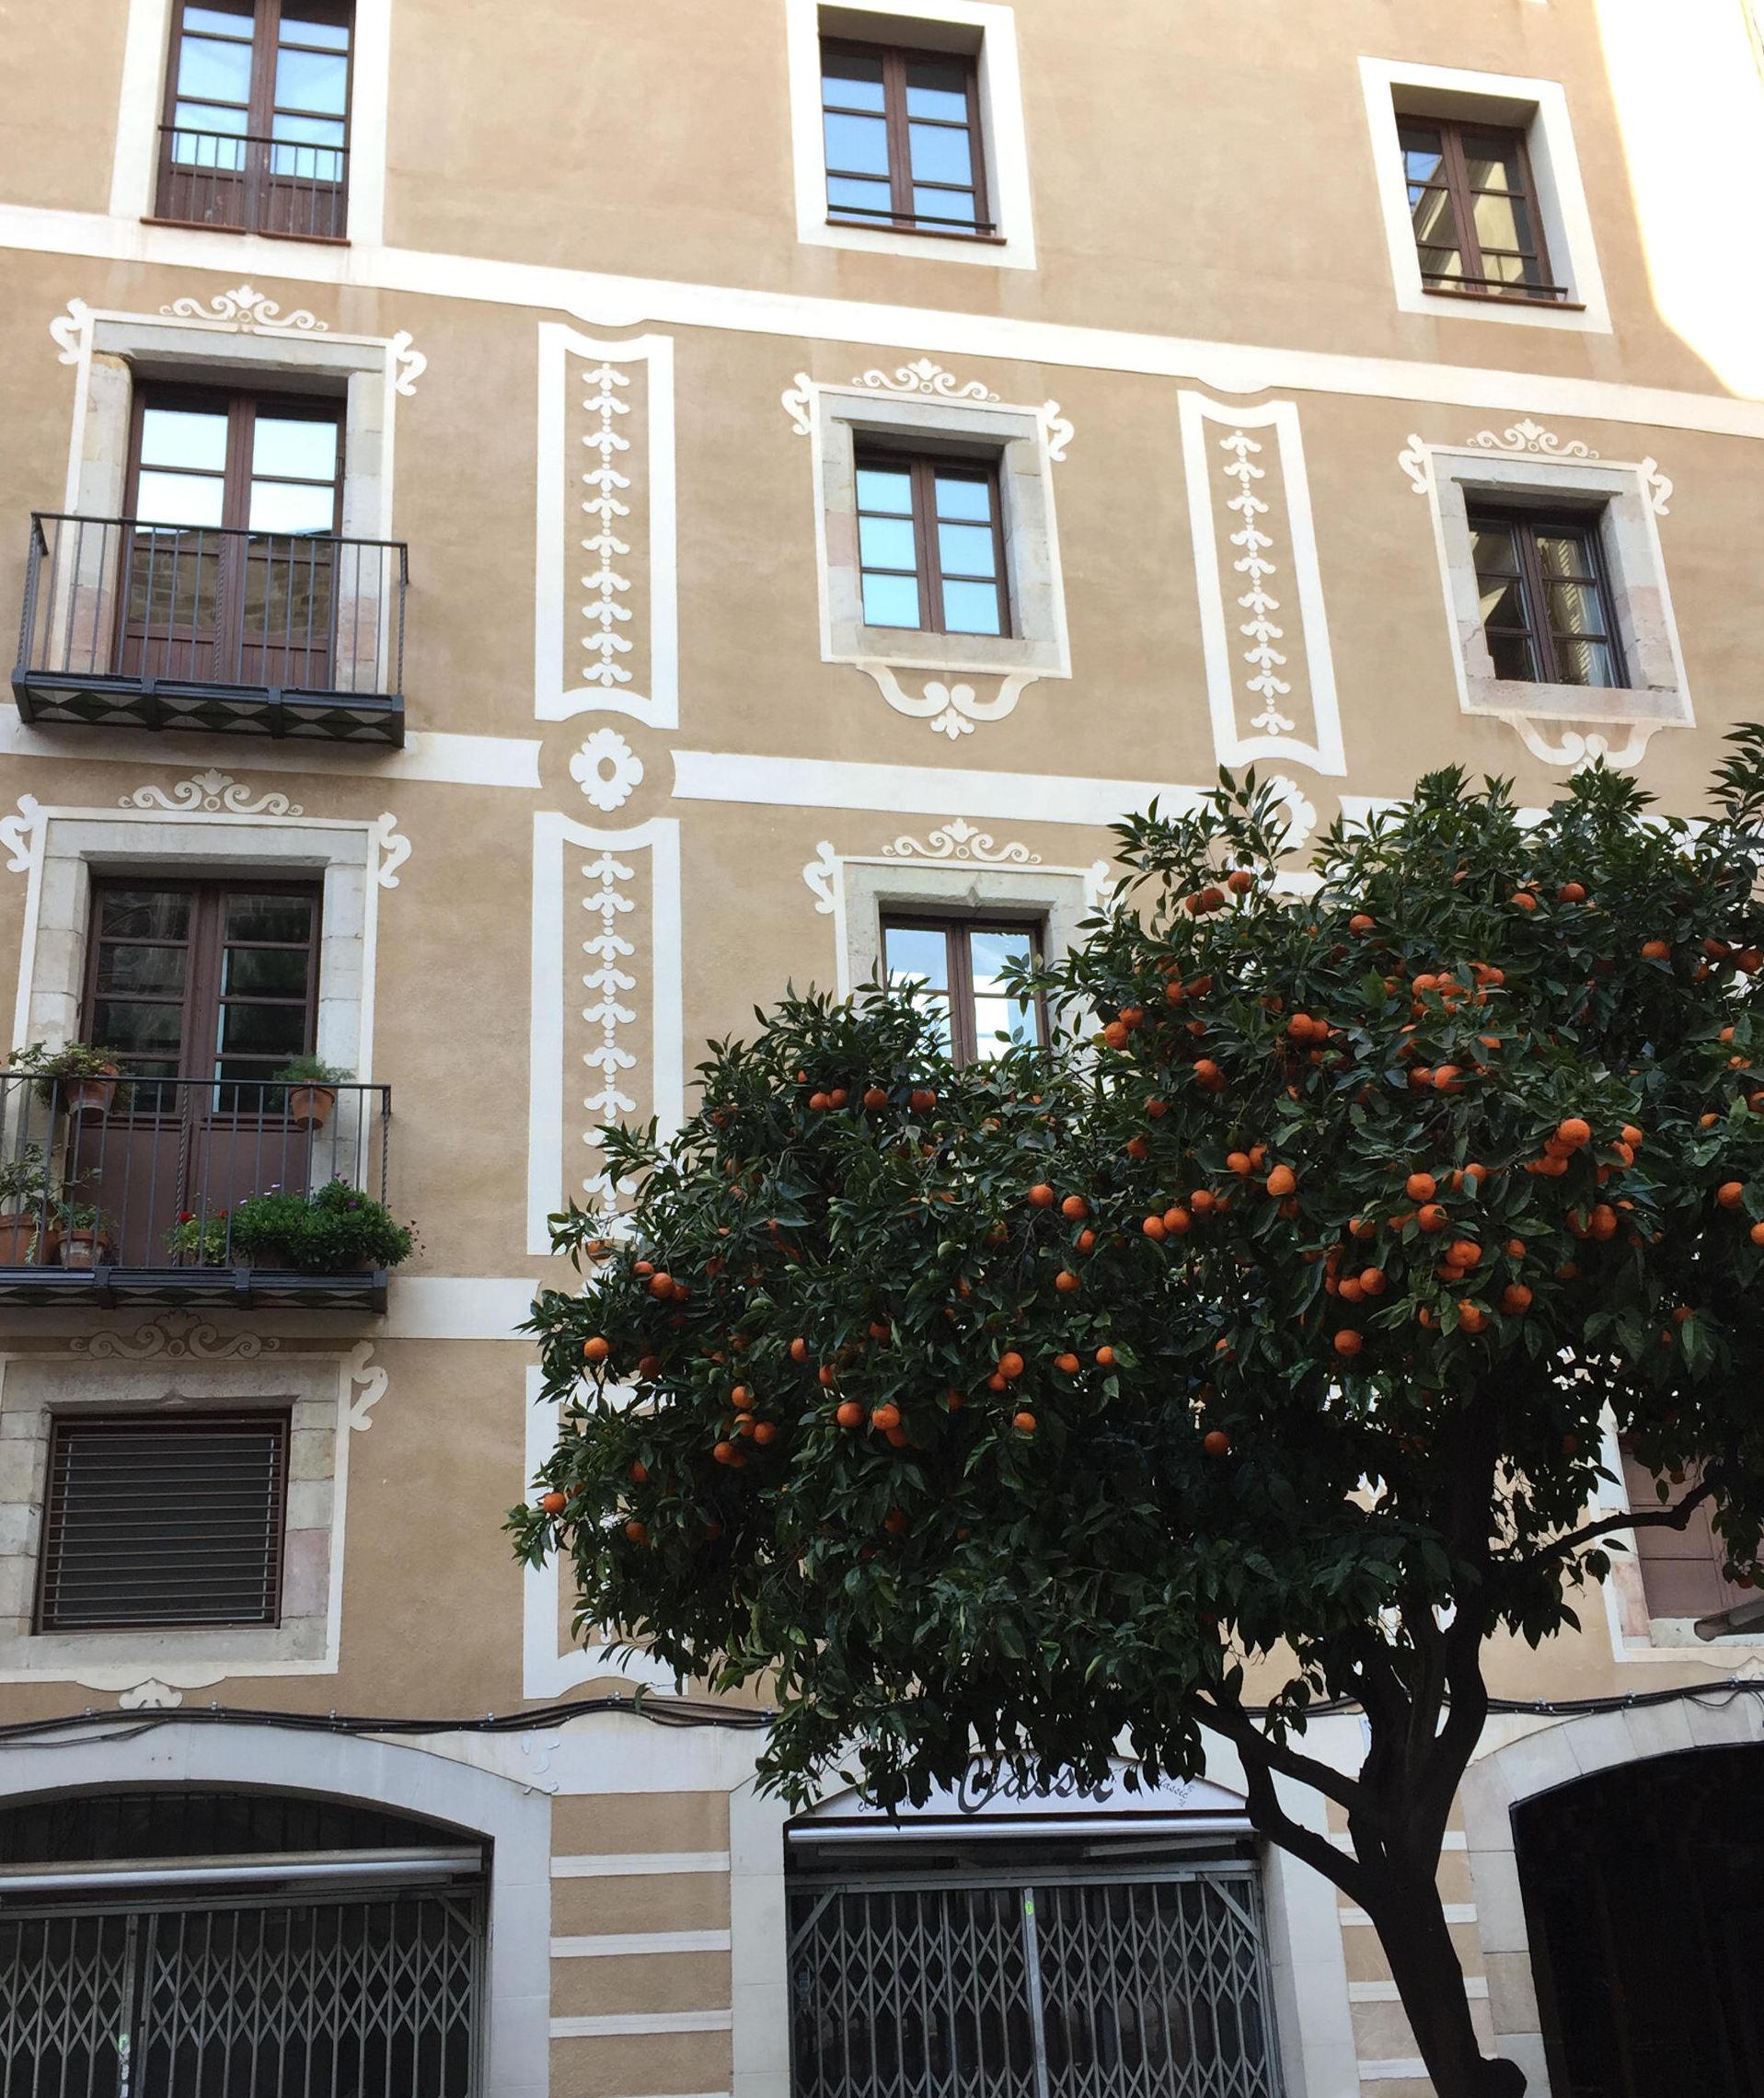 barcelona architektura budynki mandarynki iglawpodrozy